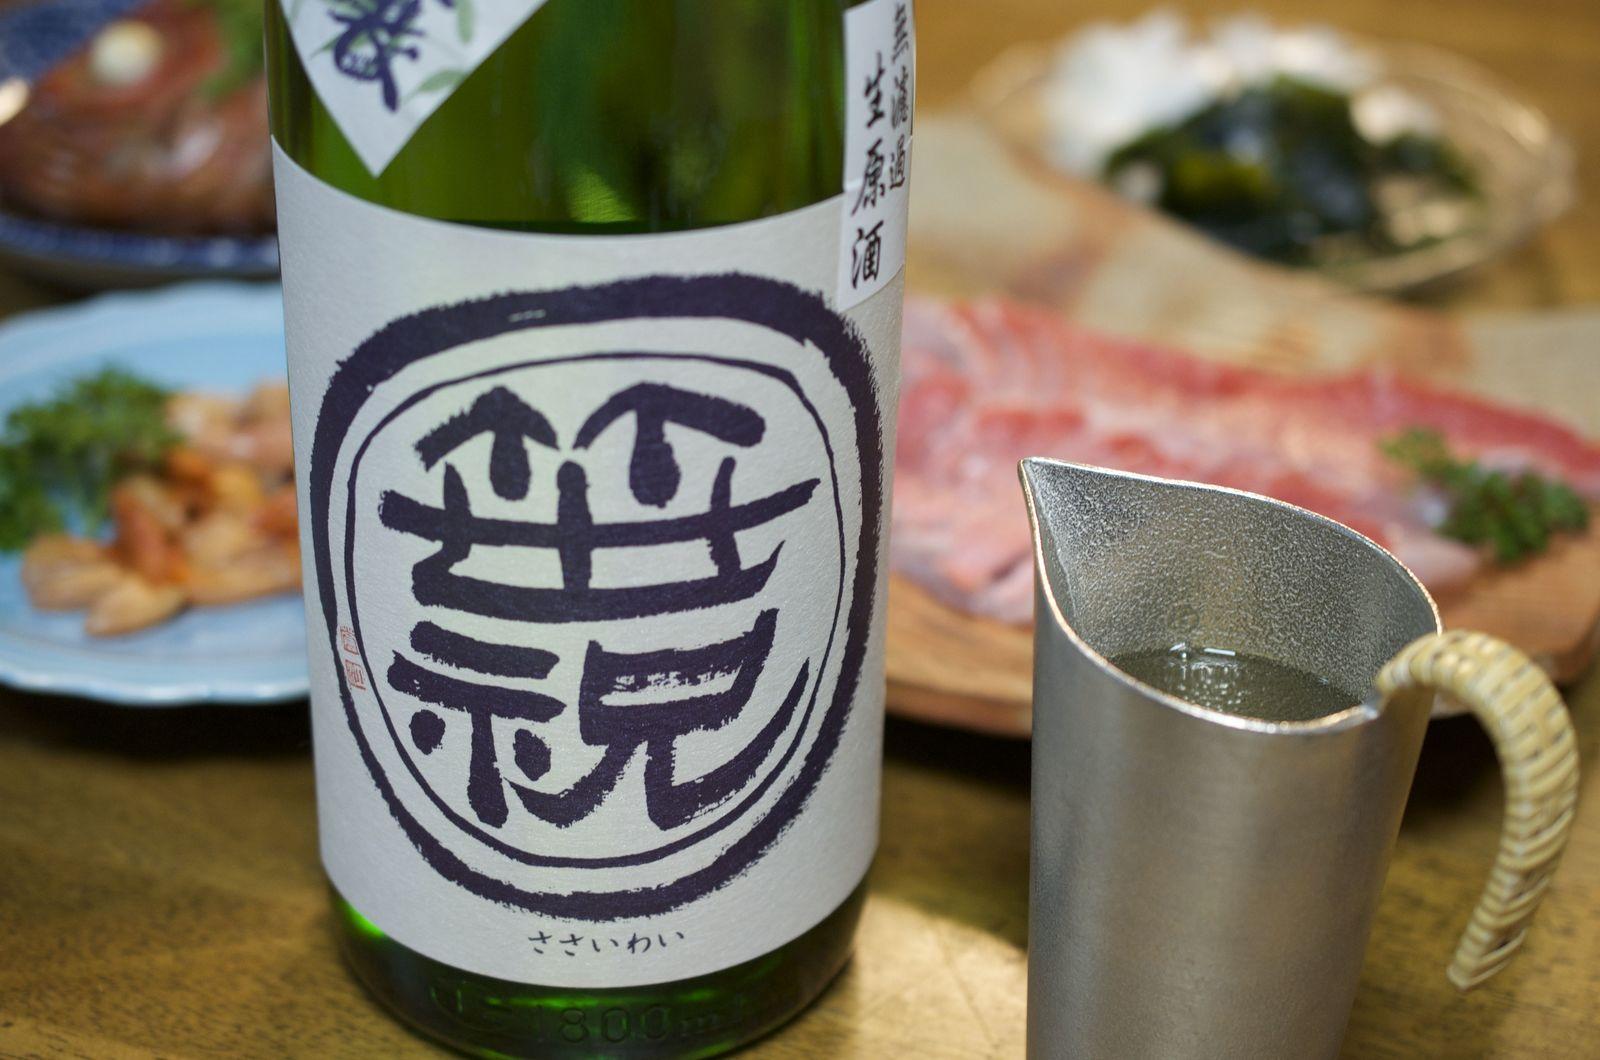 笹祝酒造 笹印 純米吟醸